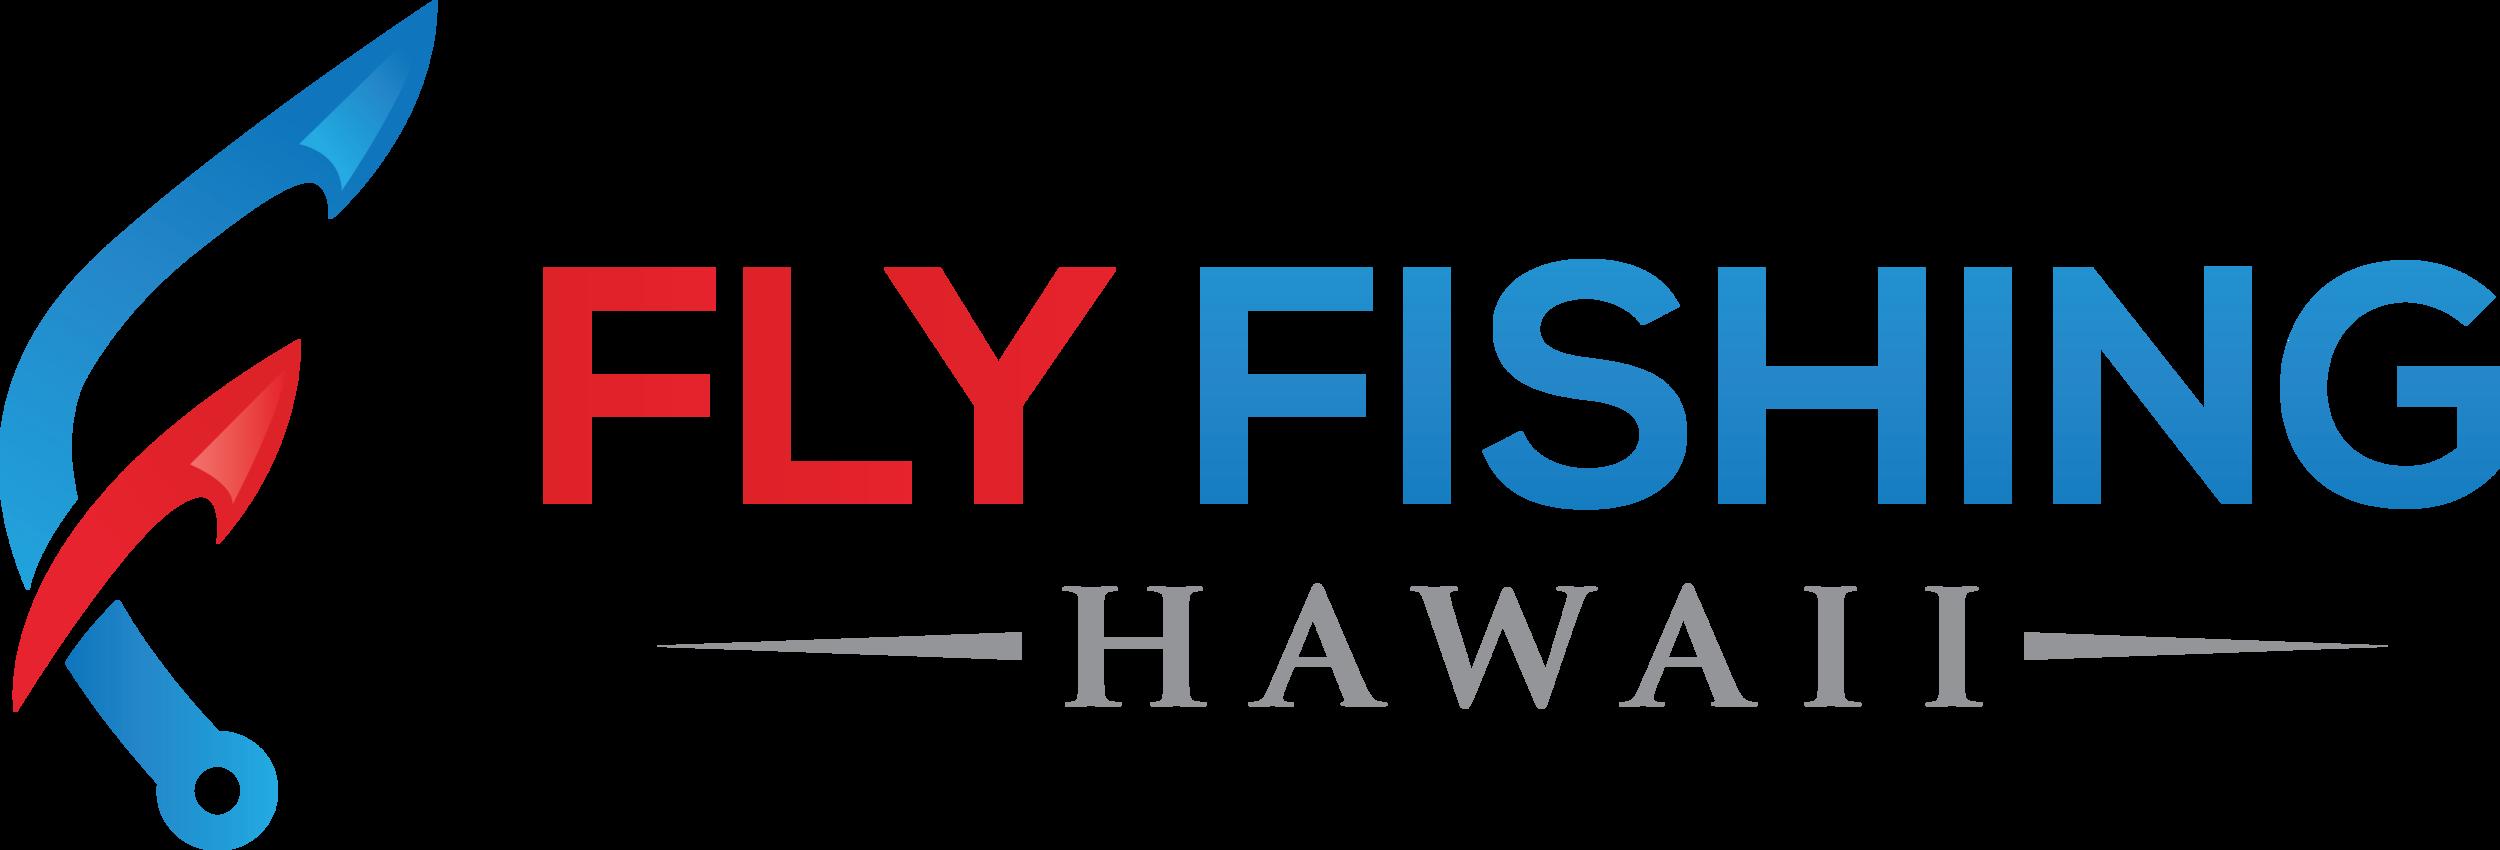 Flyfish.png